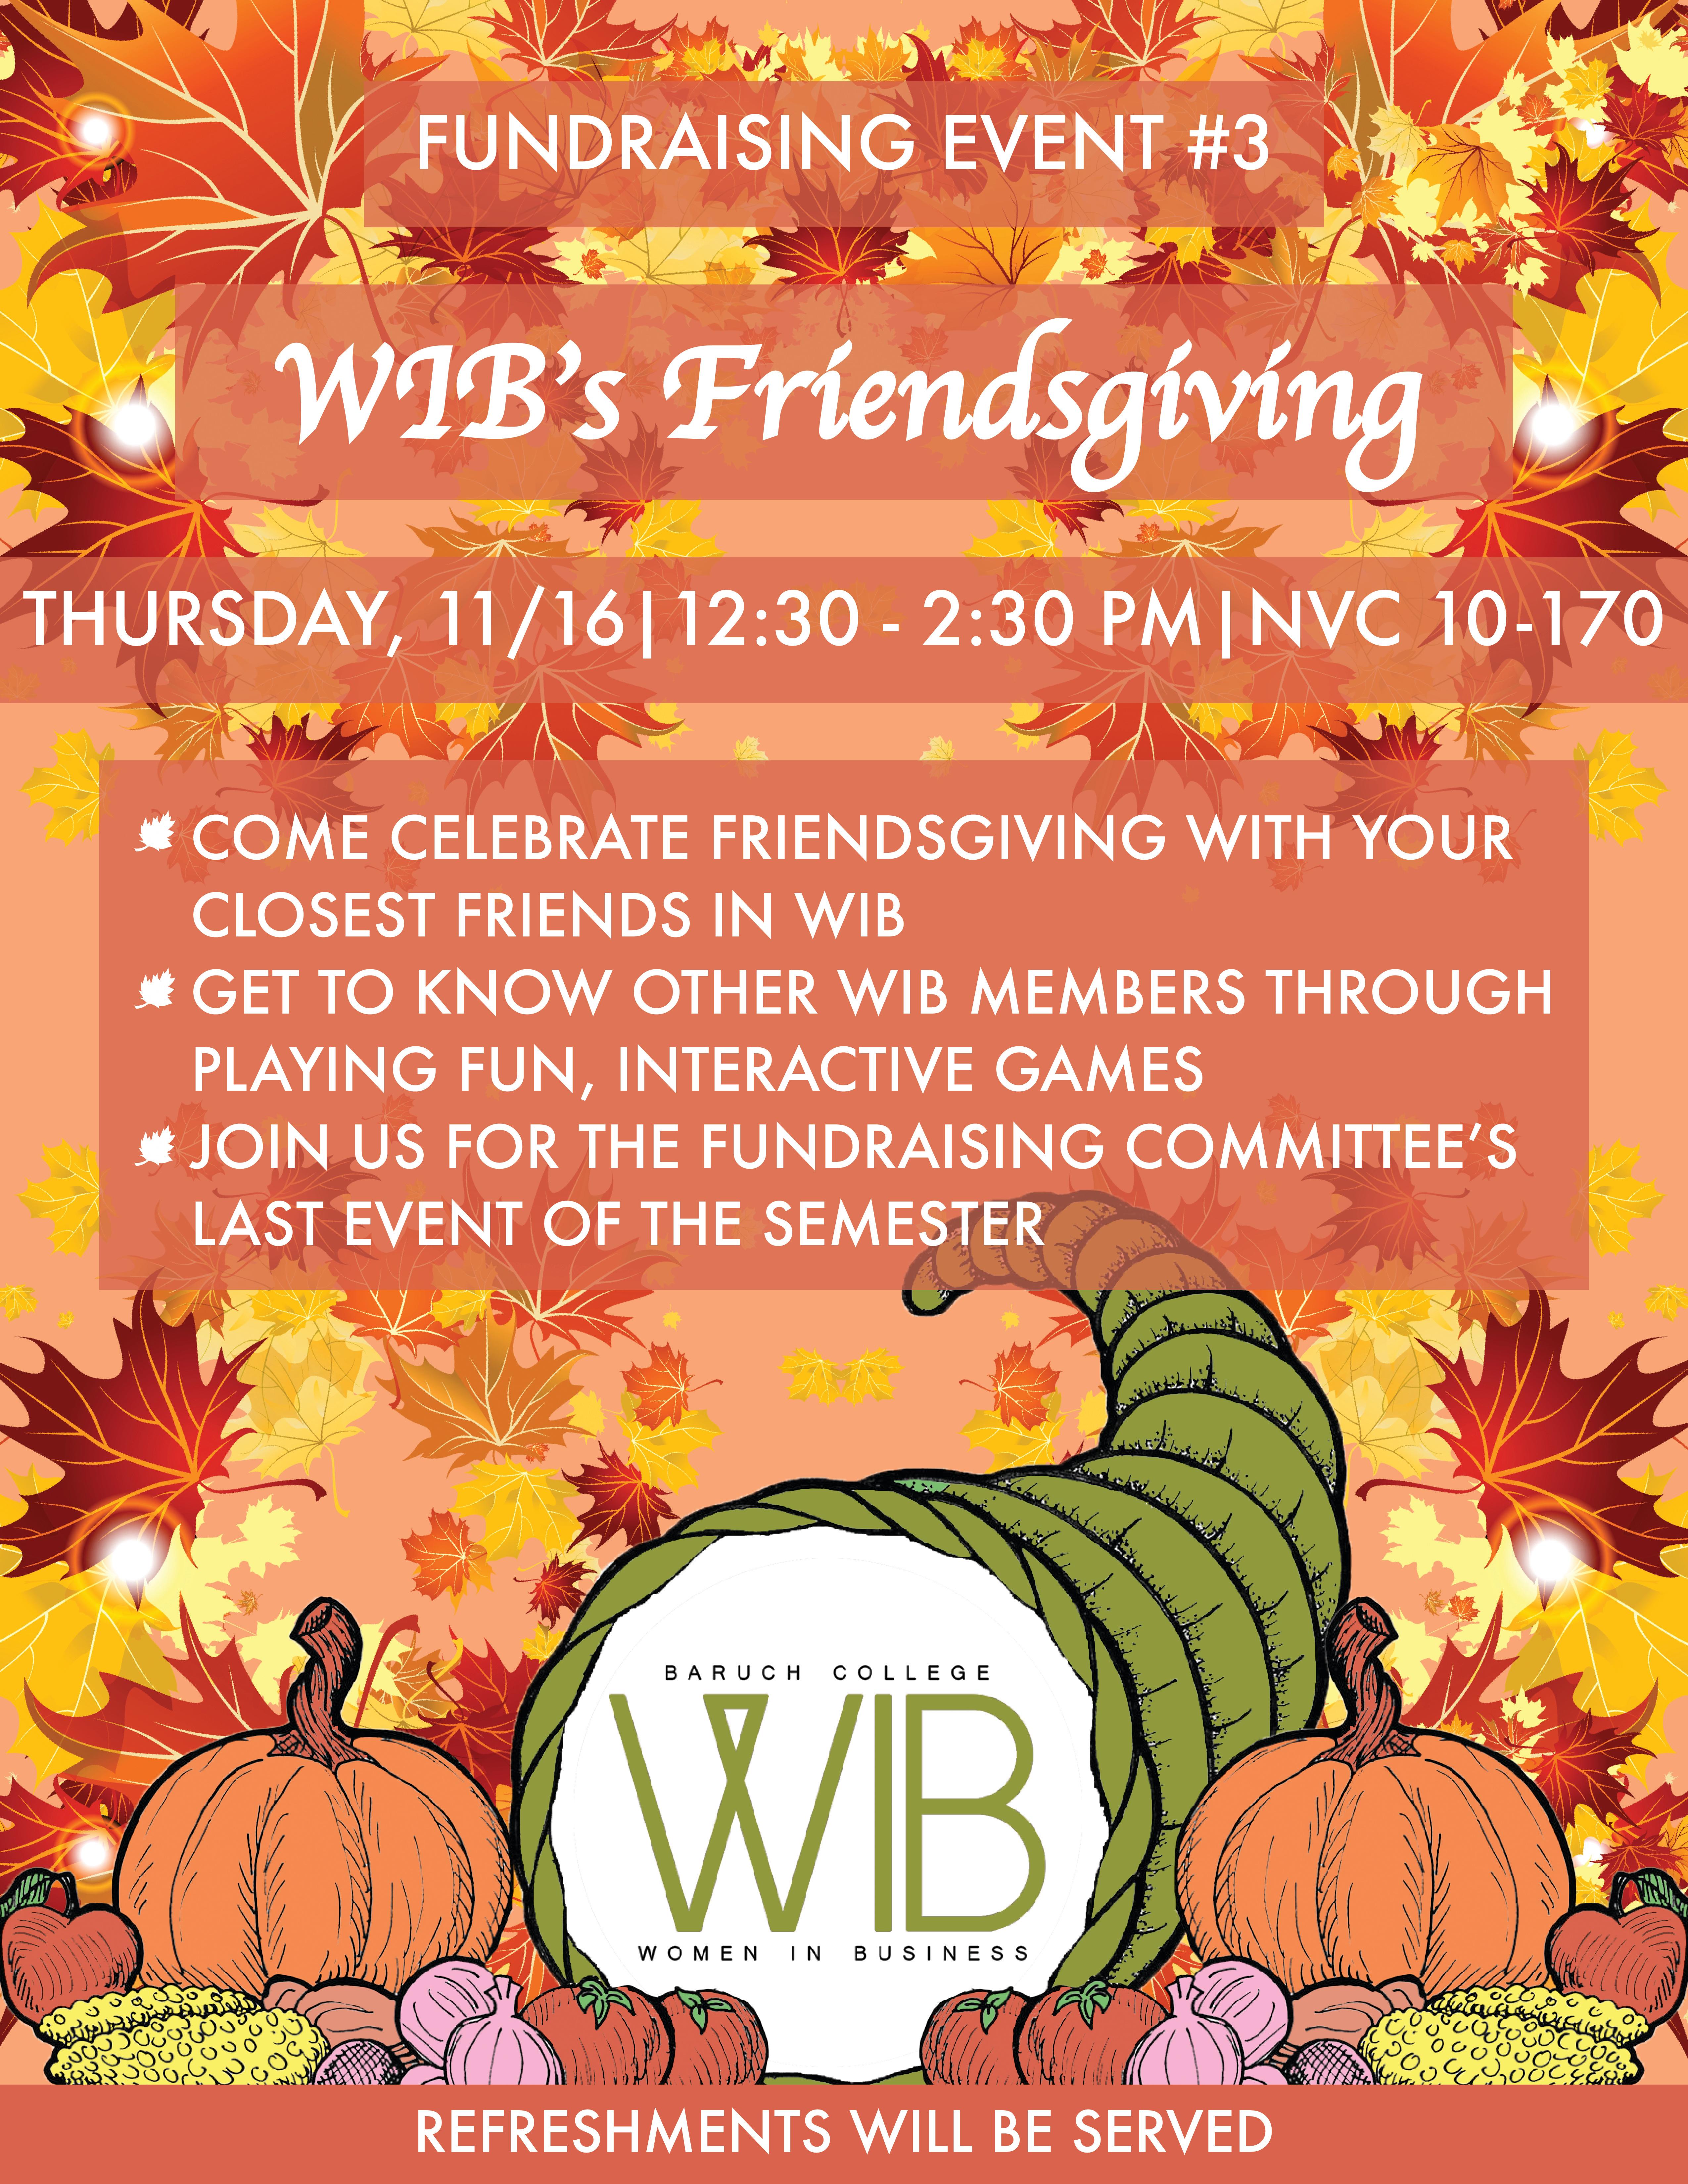 WIB's Friendsgiving